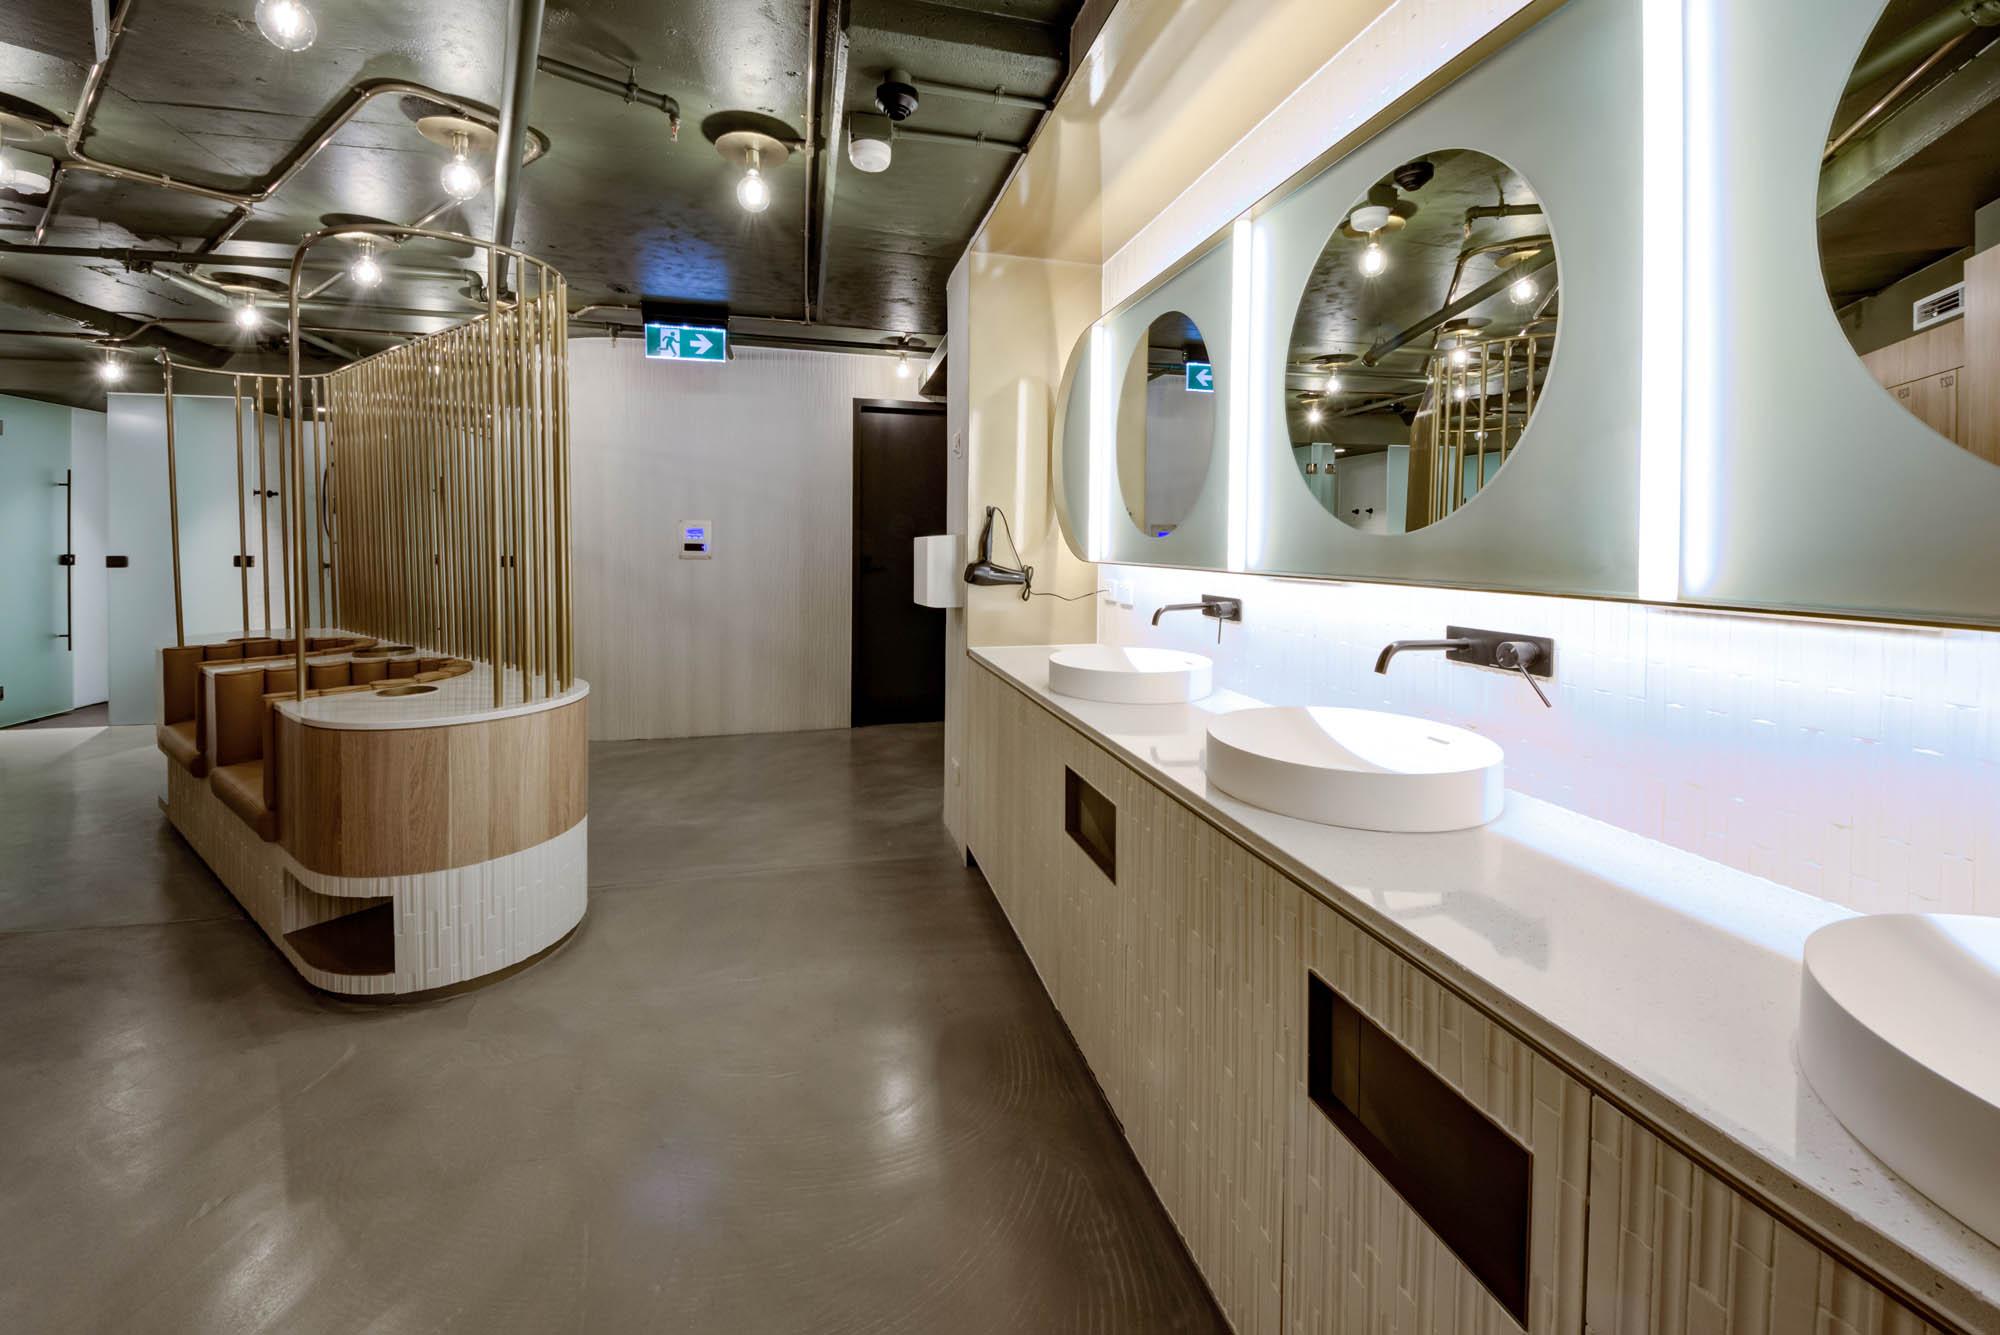 545 queen street brisbane end of trip bathroom timber vanity